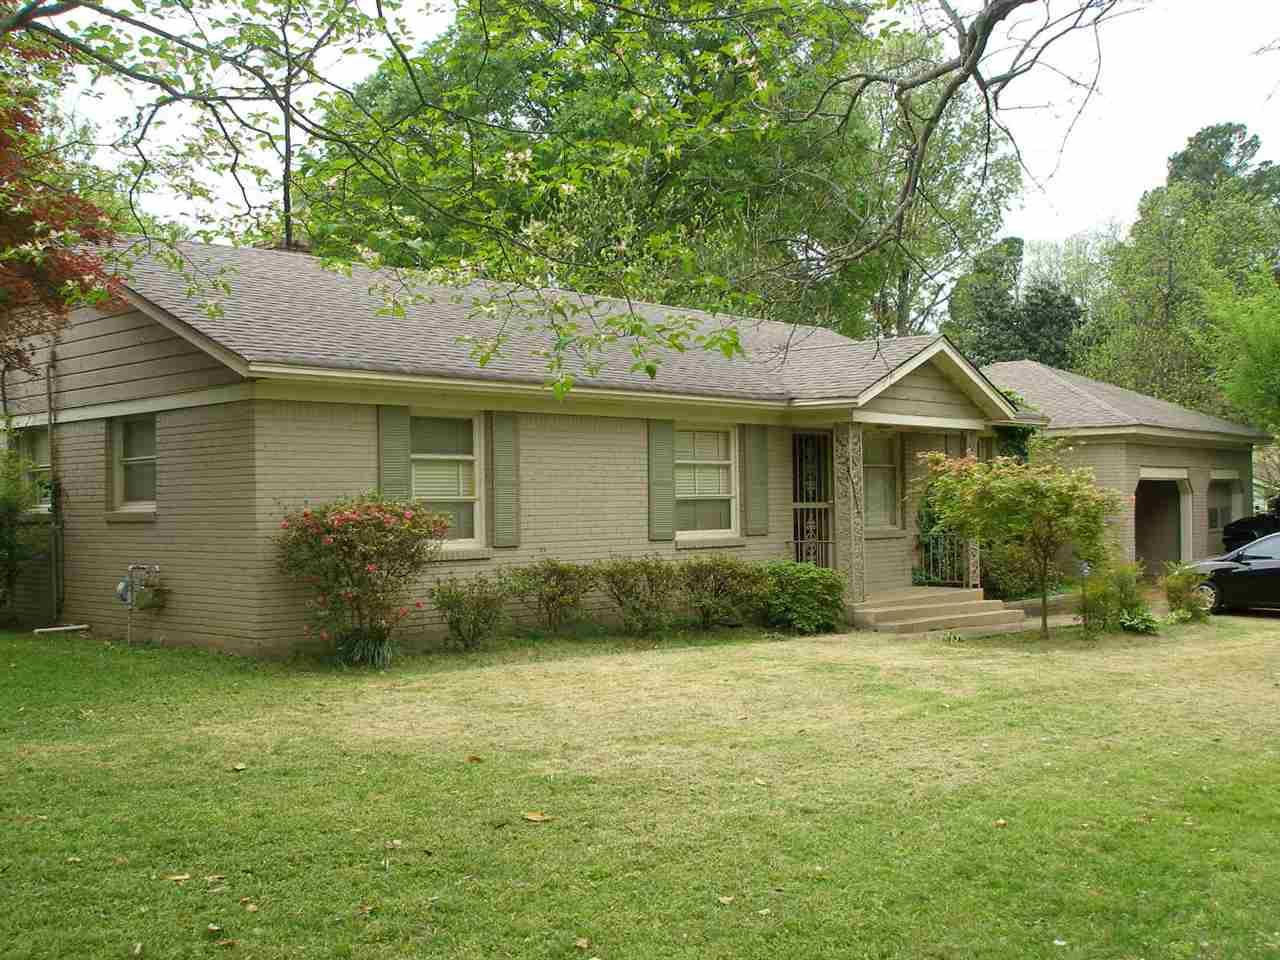 4989 DEVONSHIRE AVE, Memphis, TN 38117